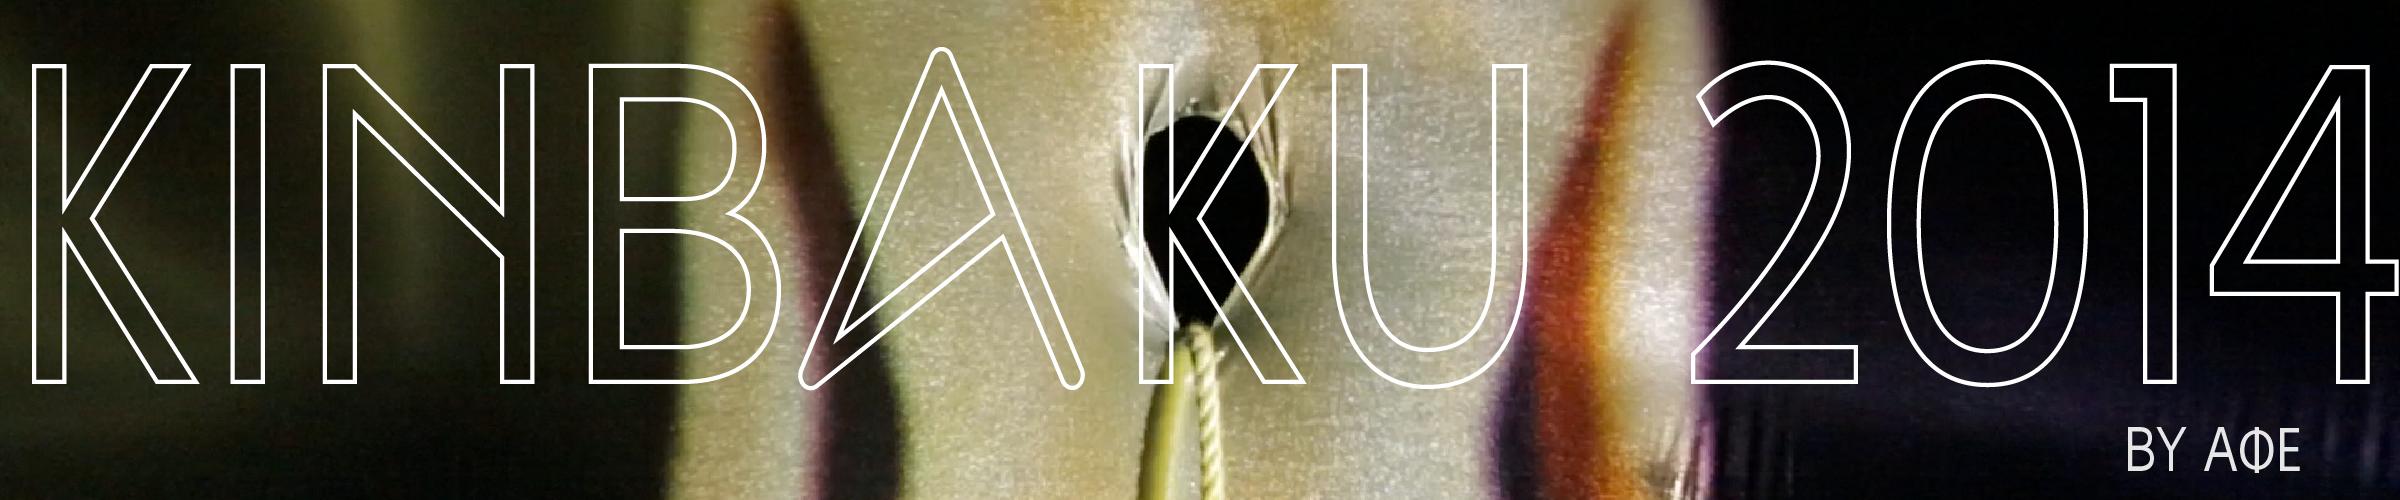 KINBAKU 2014 banner-01.png